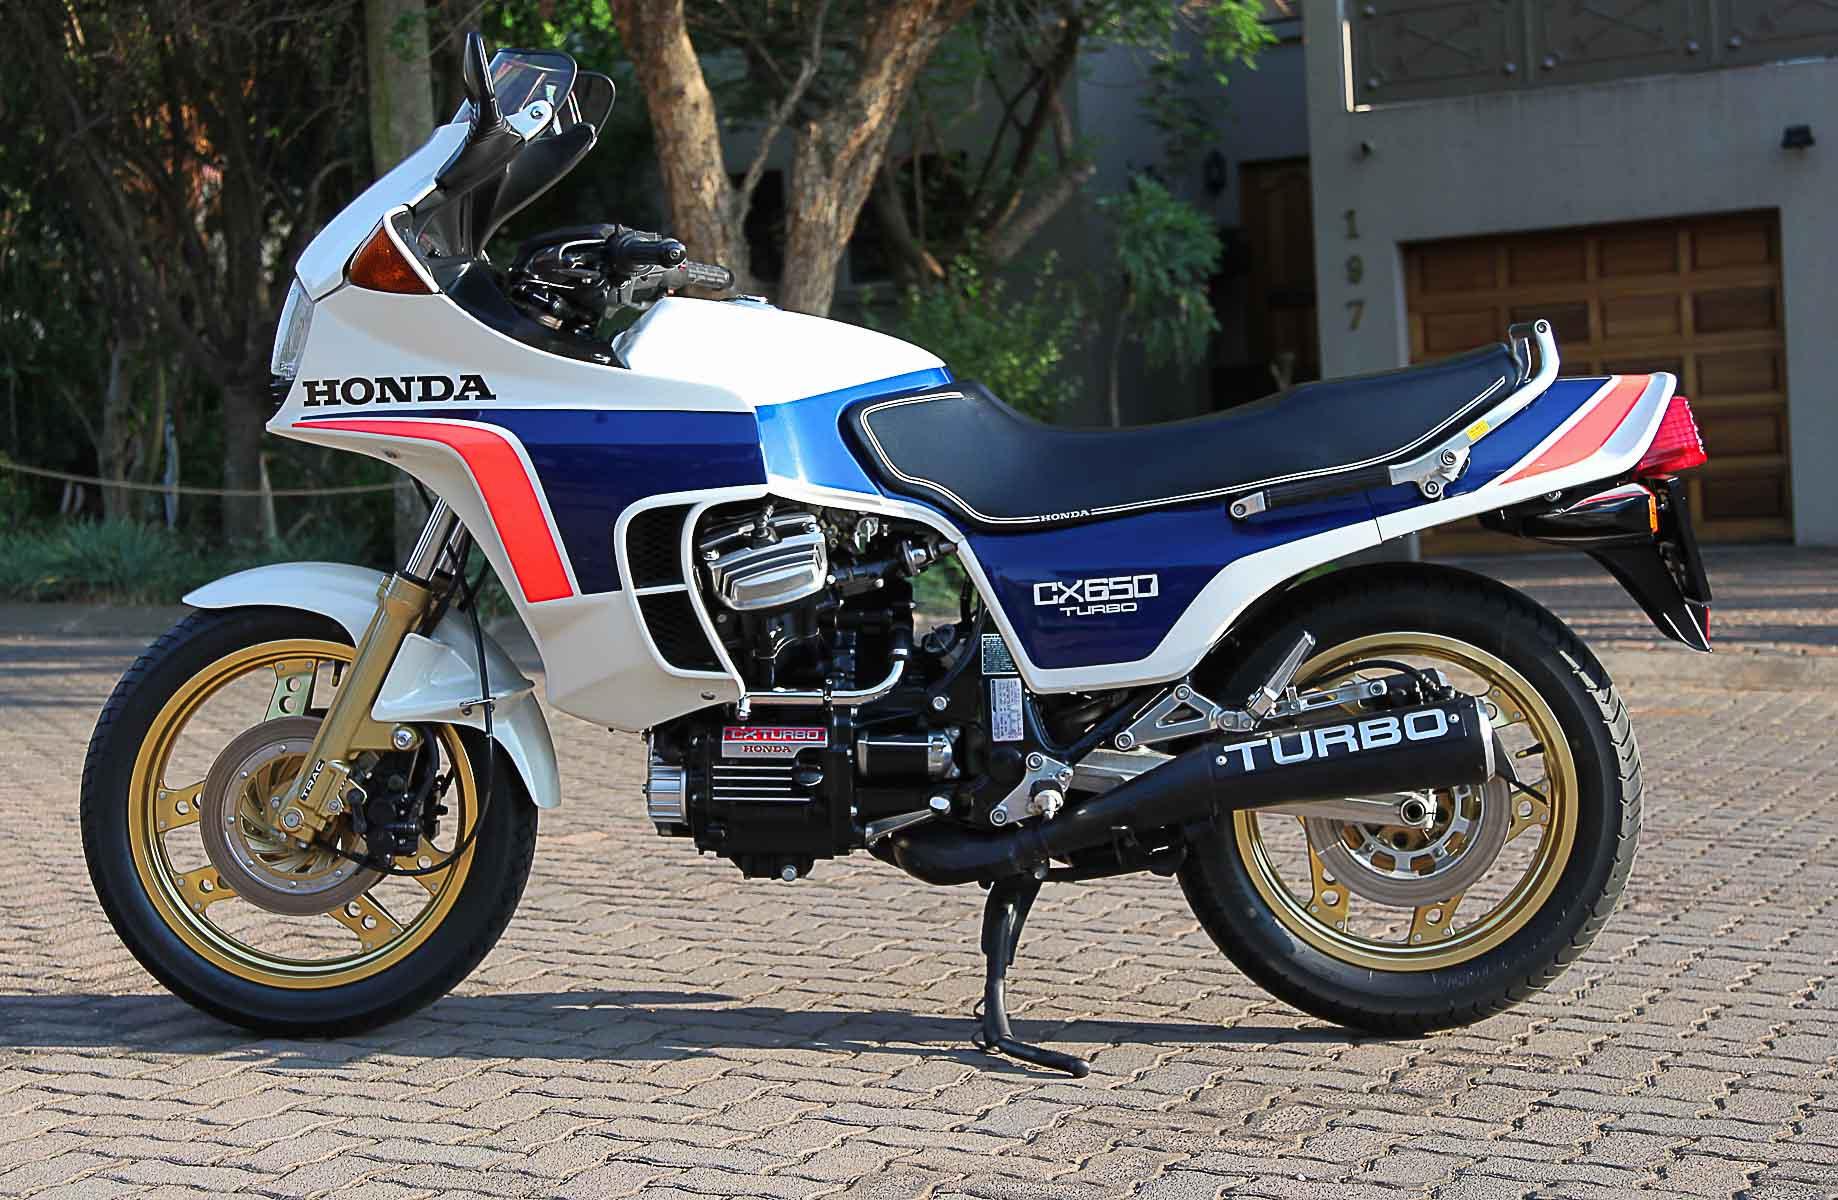 HONDA CX 650 (1982-1985)